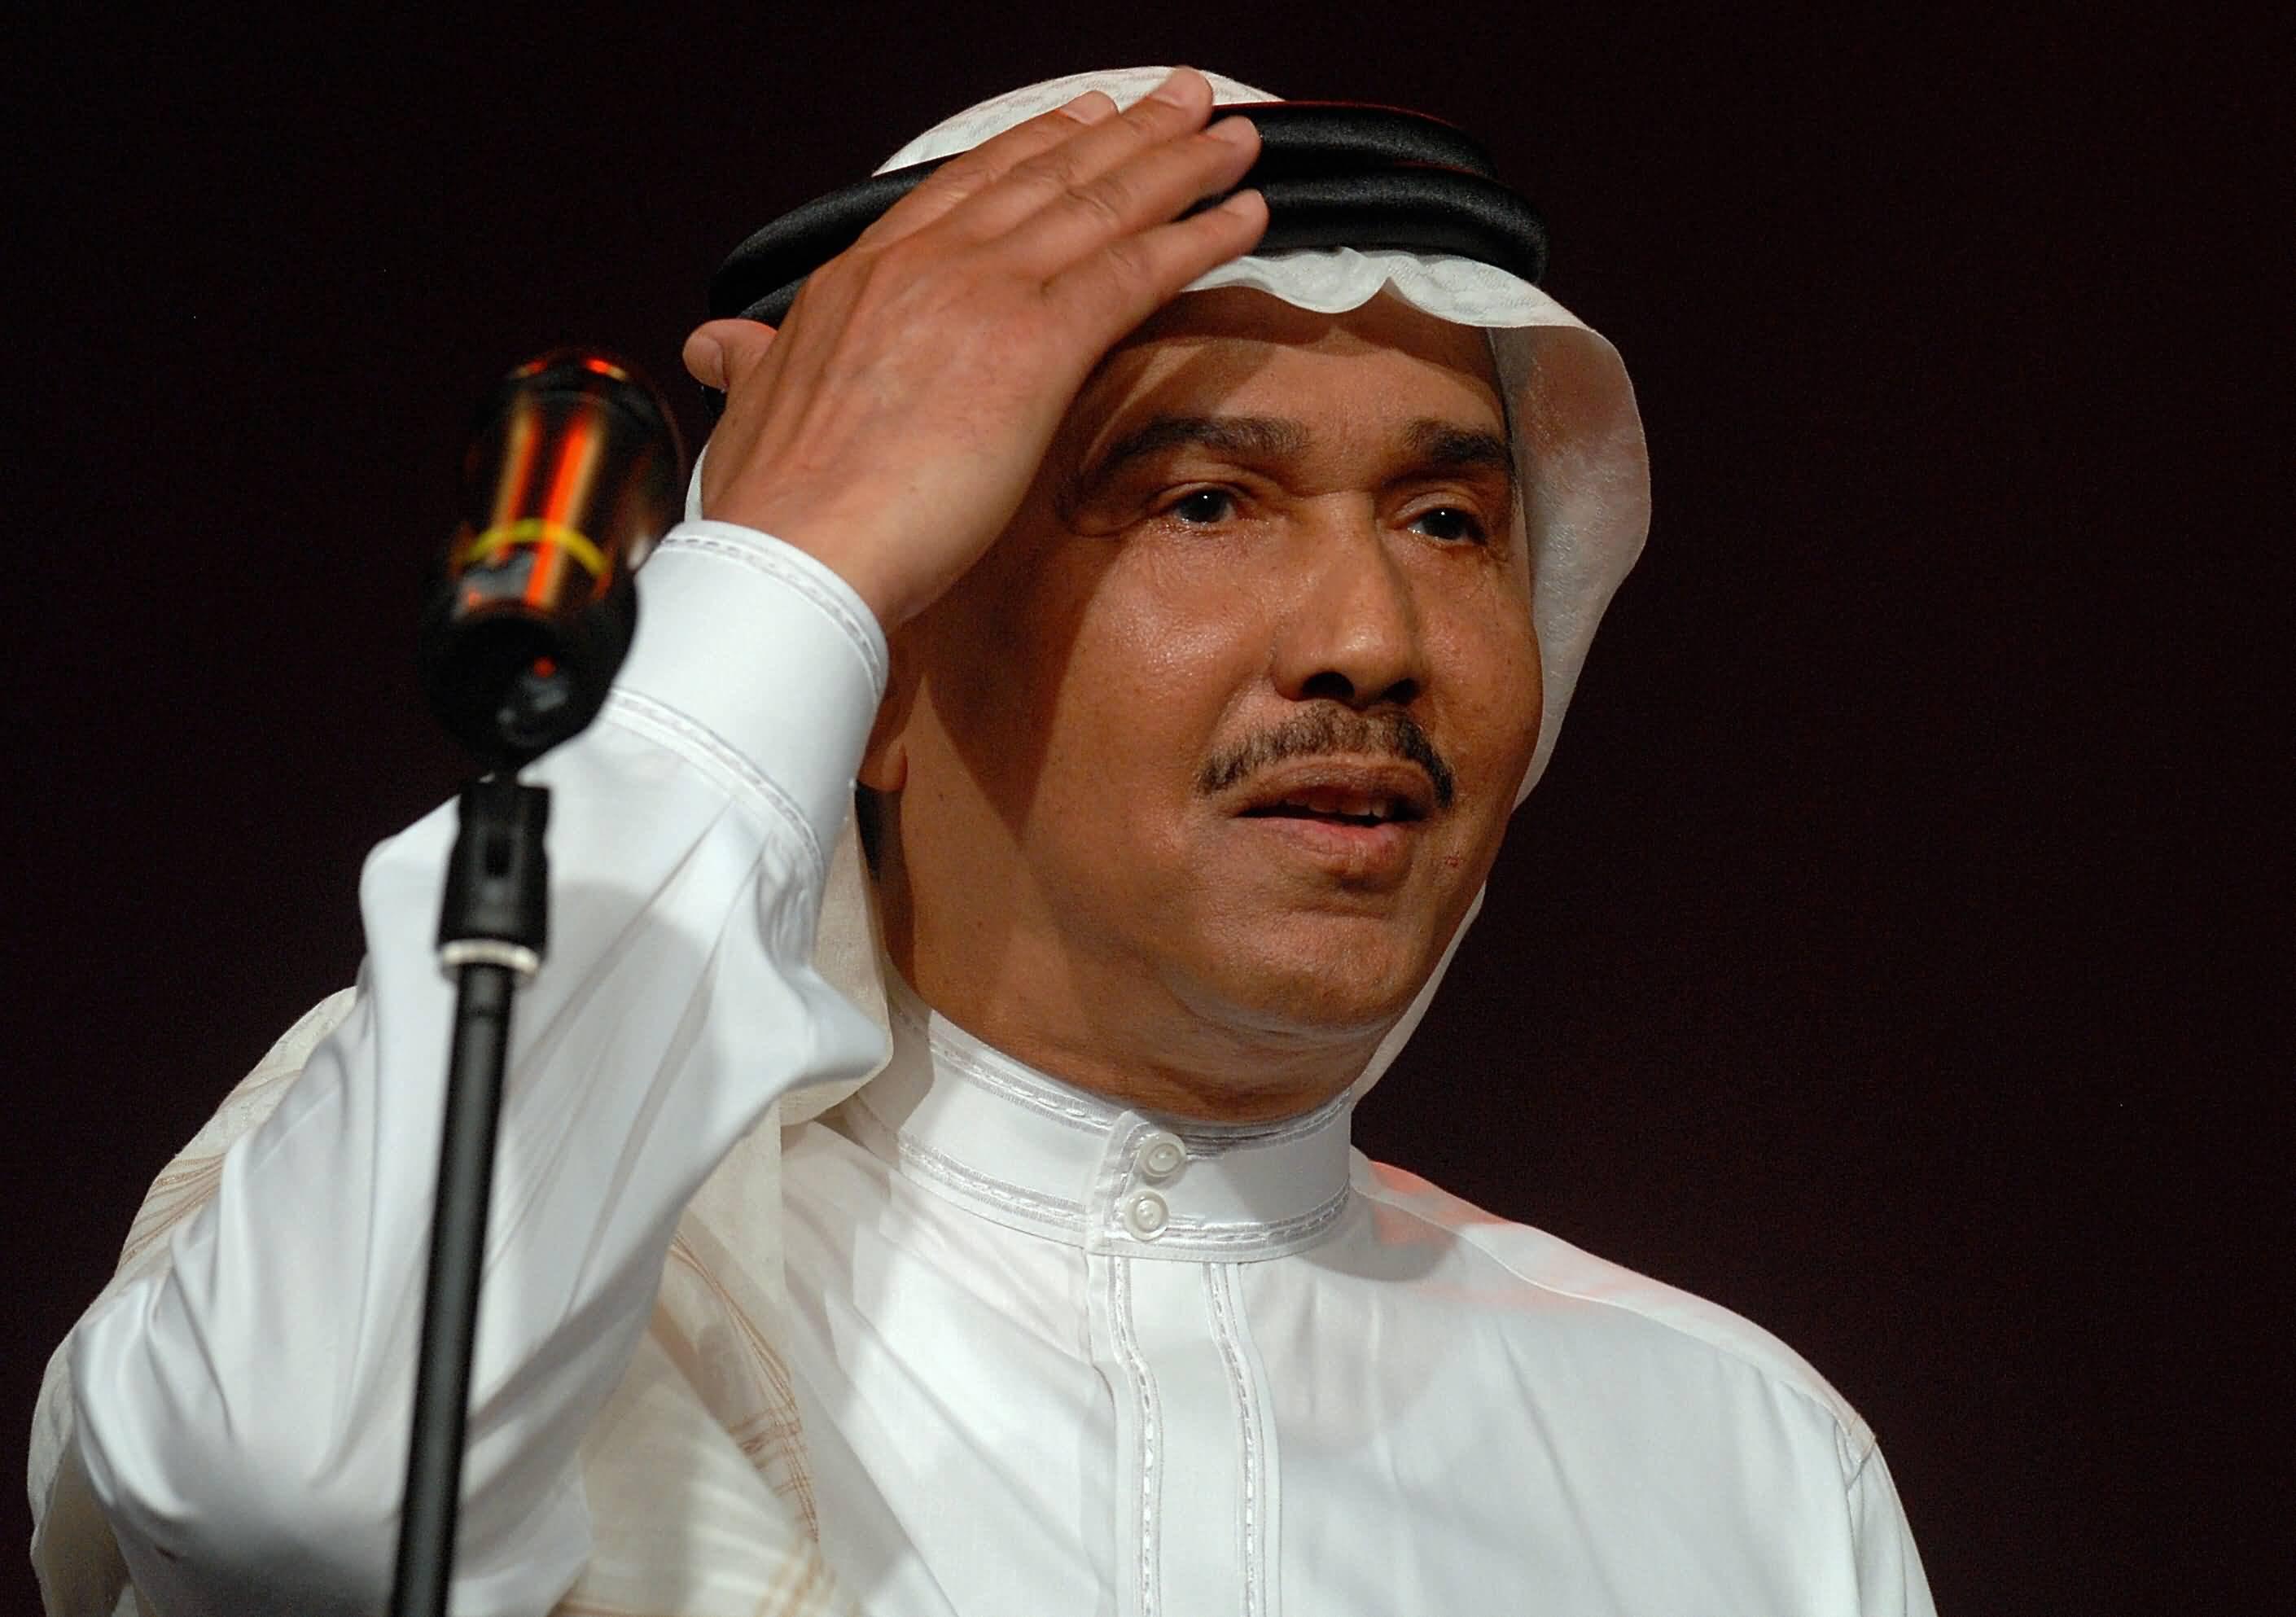 حفل فنان العرب محمد عبده خلال أيام عيد الأضحى المبارك في دبي